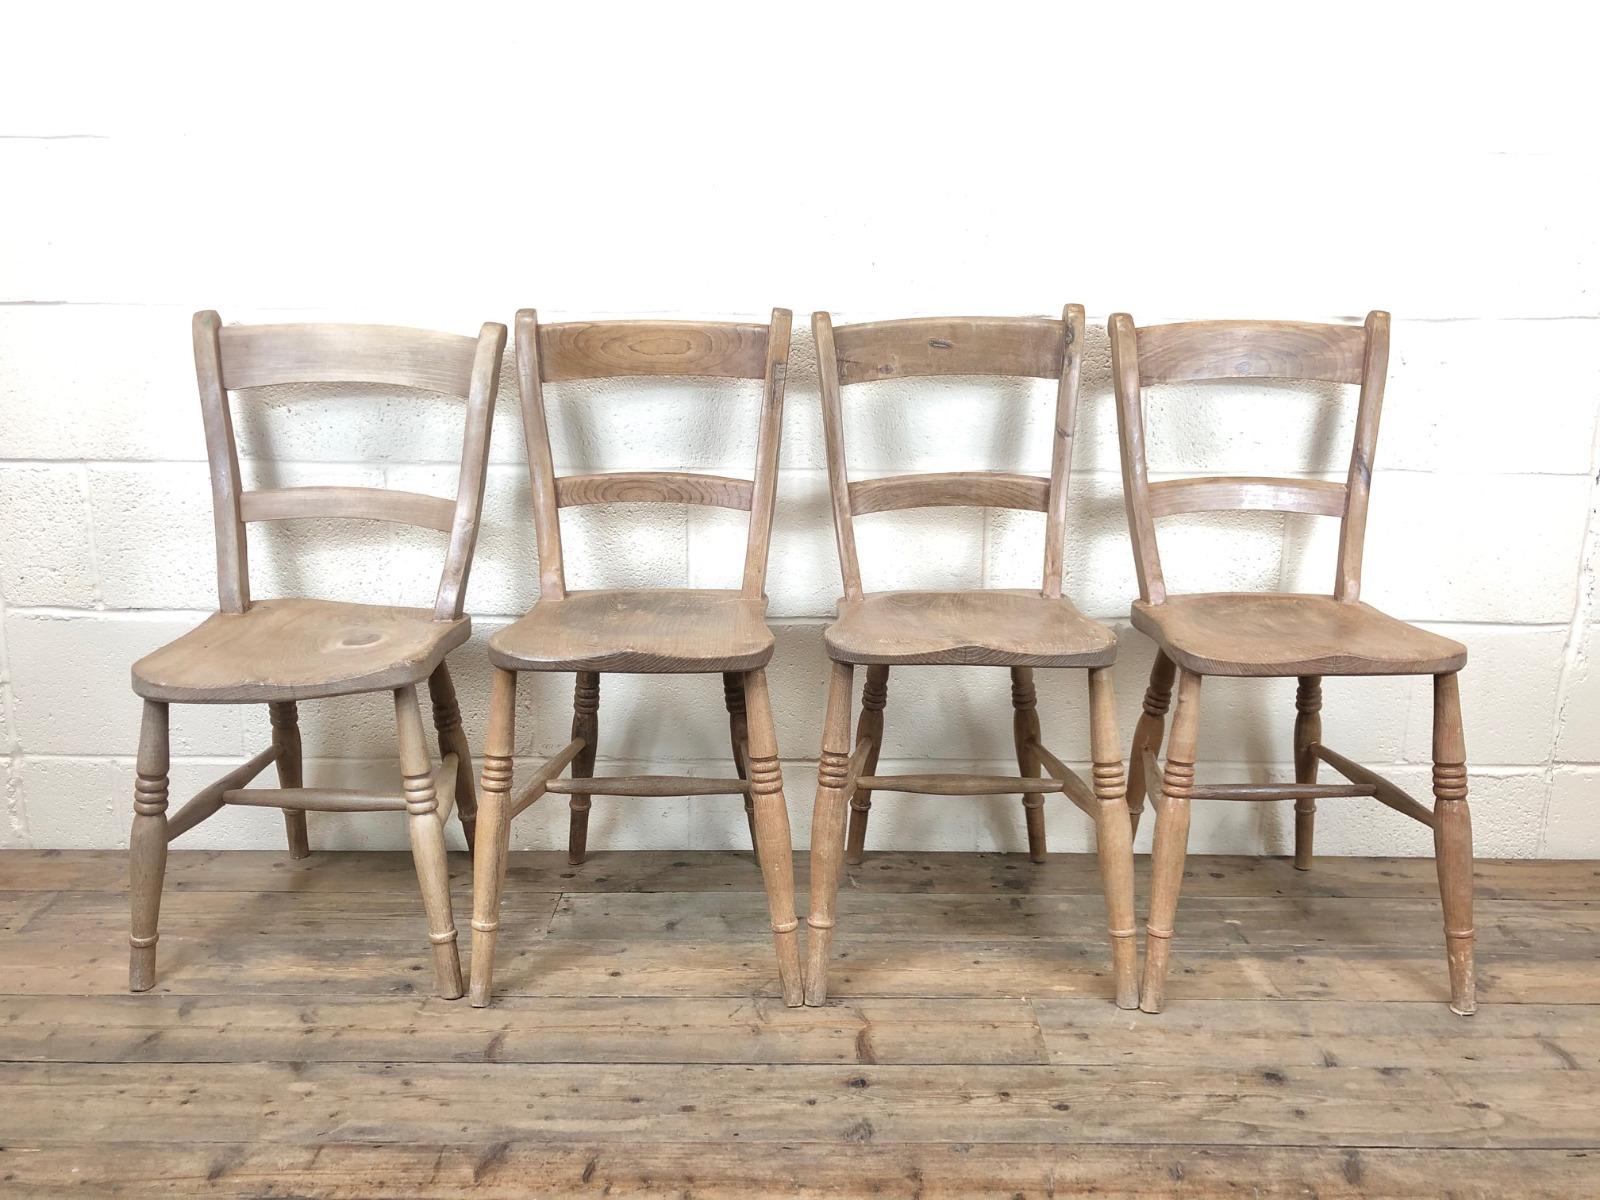 Four Similar Antique Farmhouse Kitchen Chairs M 682 La207676 Loveantiques Com